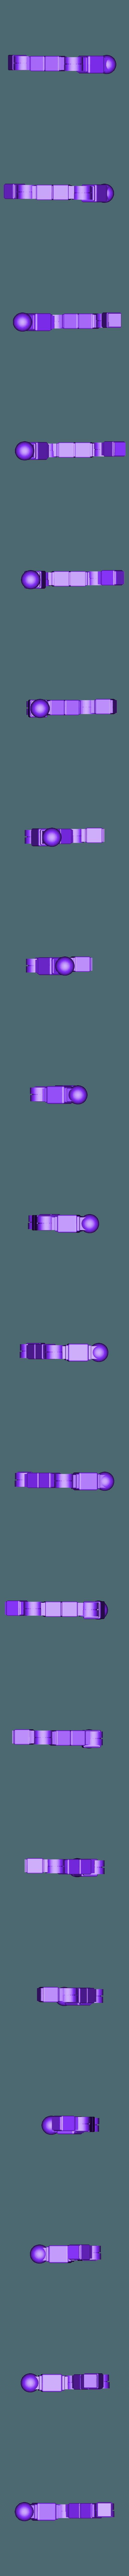 legs_updated.stl Télécharger fichier STL gratuit Véhicule utilitaire à fourmis à plat pour la fabrication de wargames ou de mdel de science-fiction de 28 mm • Modèle pour imprimante 3D, redstarkits